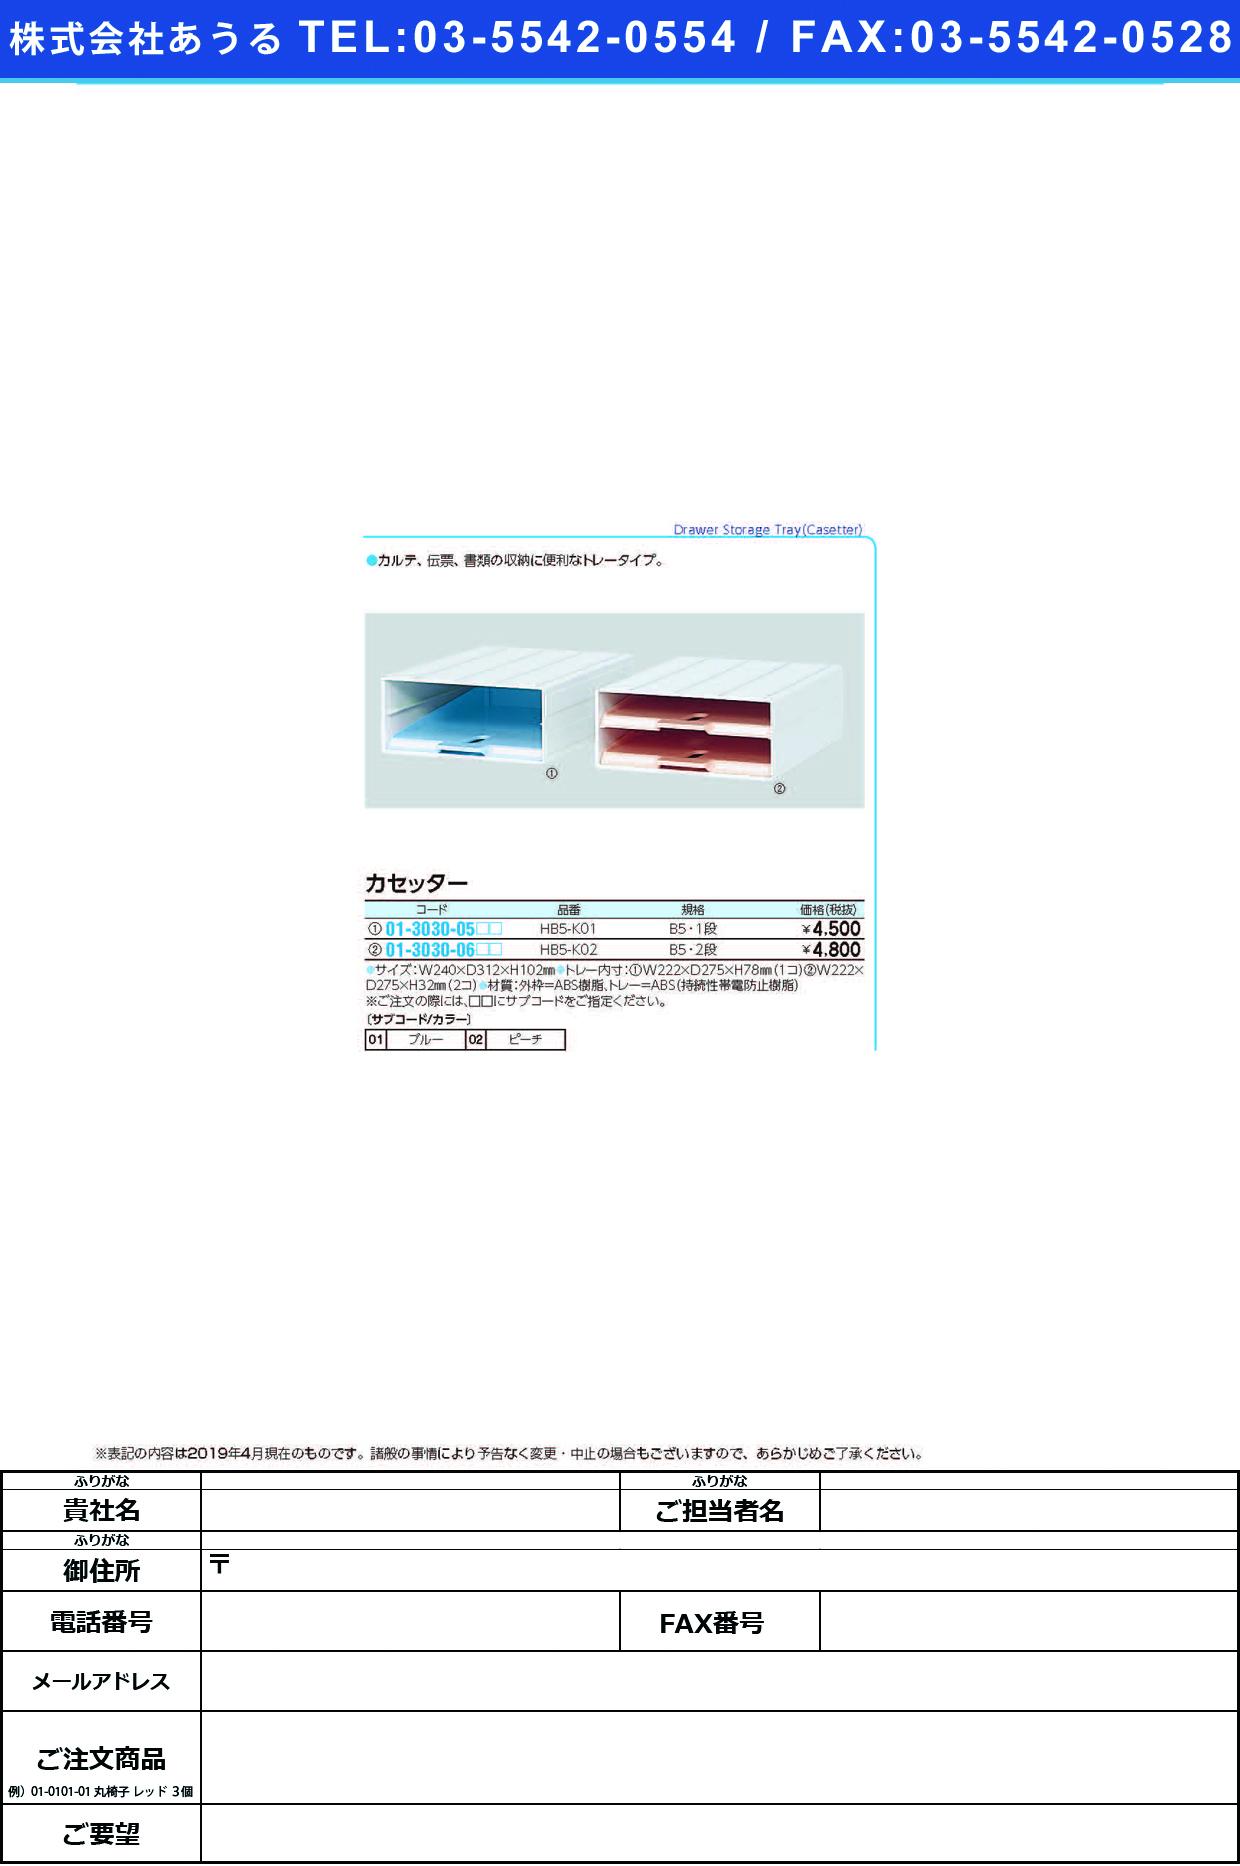 (01-3030-06)カセッター(HB5タイプ) HB5-K02 カセッターHB5タイプ ピーチ(サカセ化学工業)【1個単位】【2019年カタログ商品】